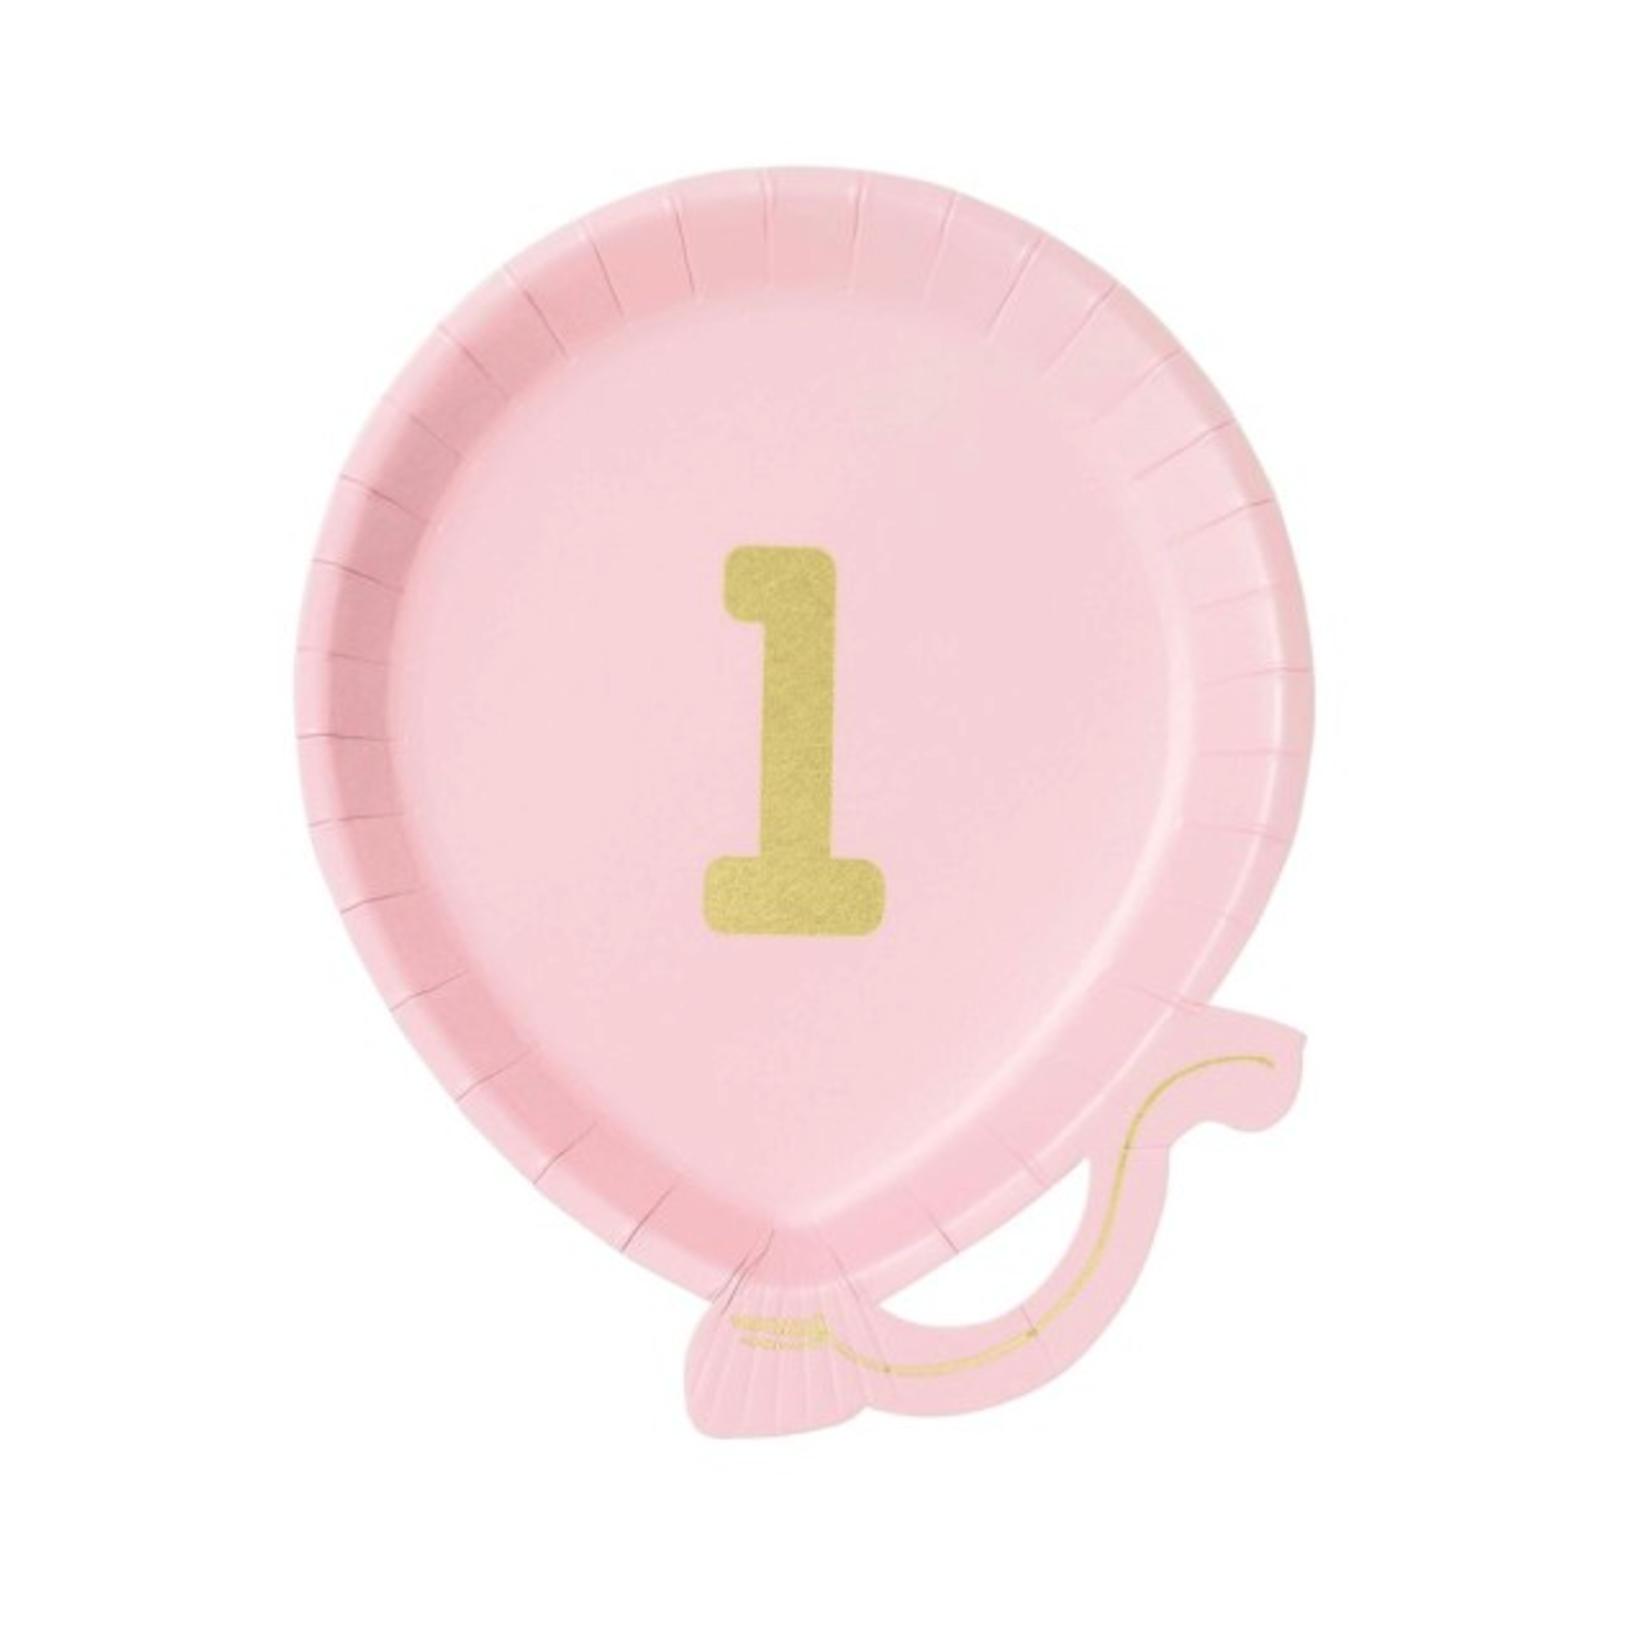 Bday Teller in pink   Nr. 1   12er-Pack